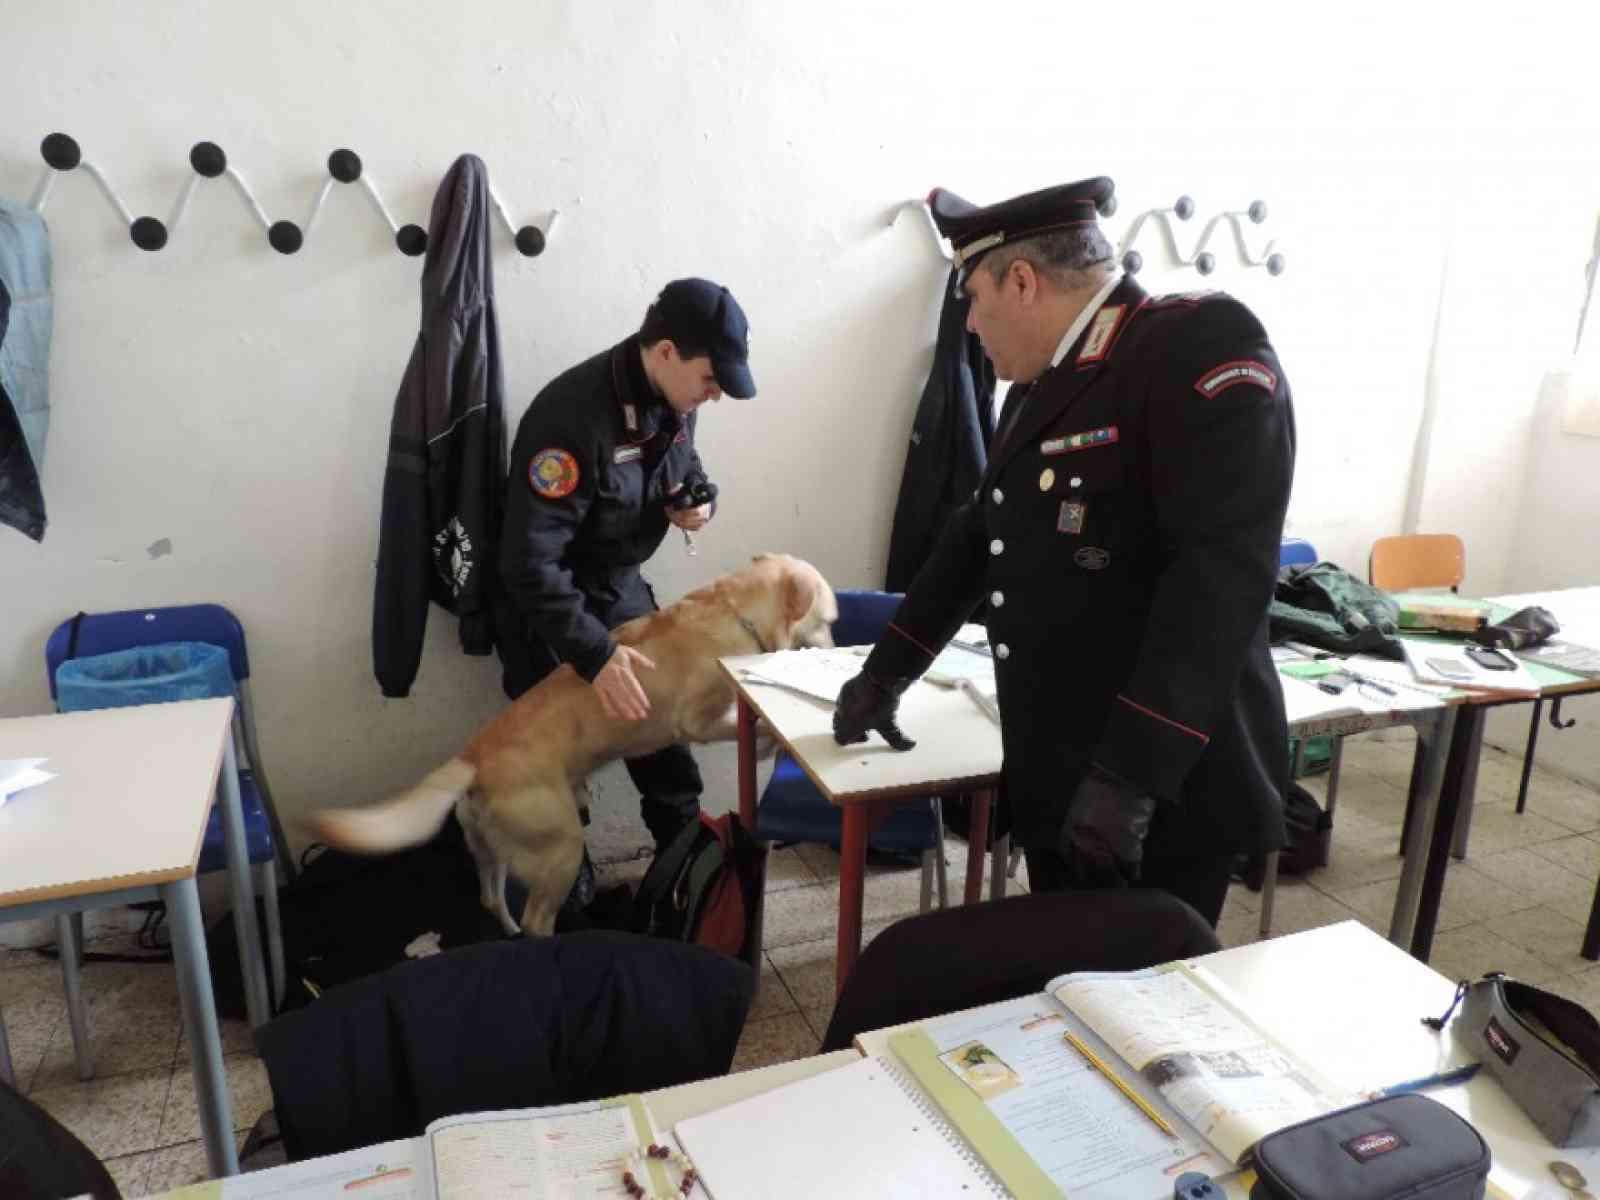 Cani antidroga in alcune classi dello Scientifico di Castelvetrano. Portati via due alunni